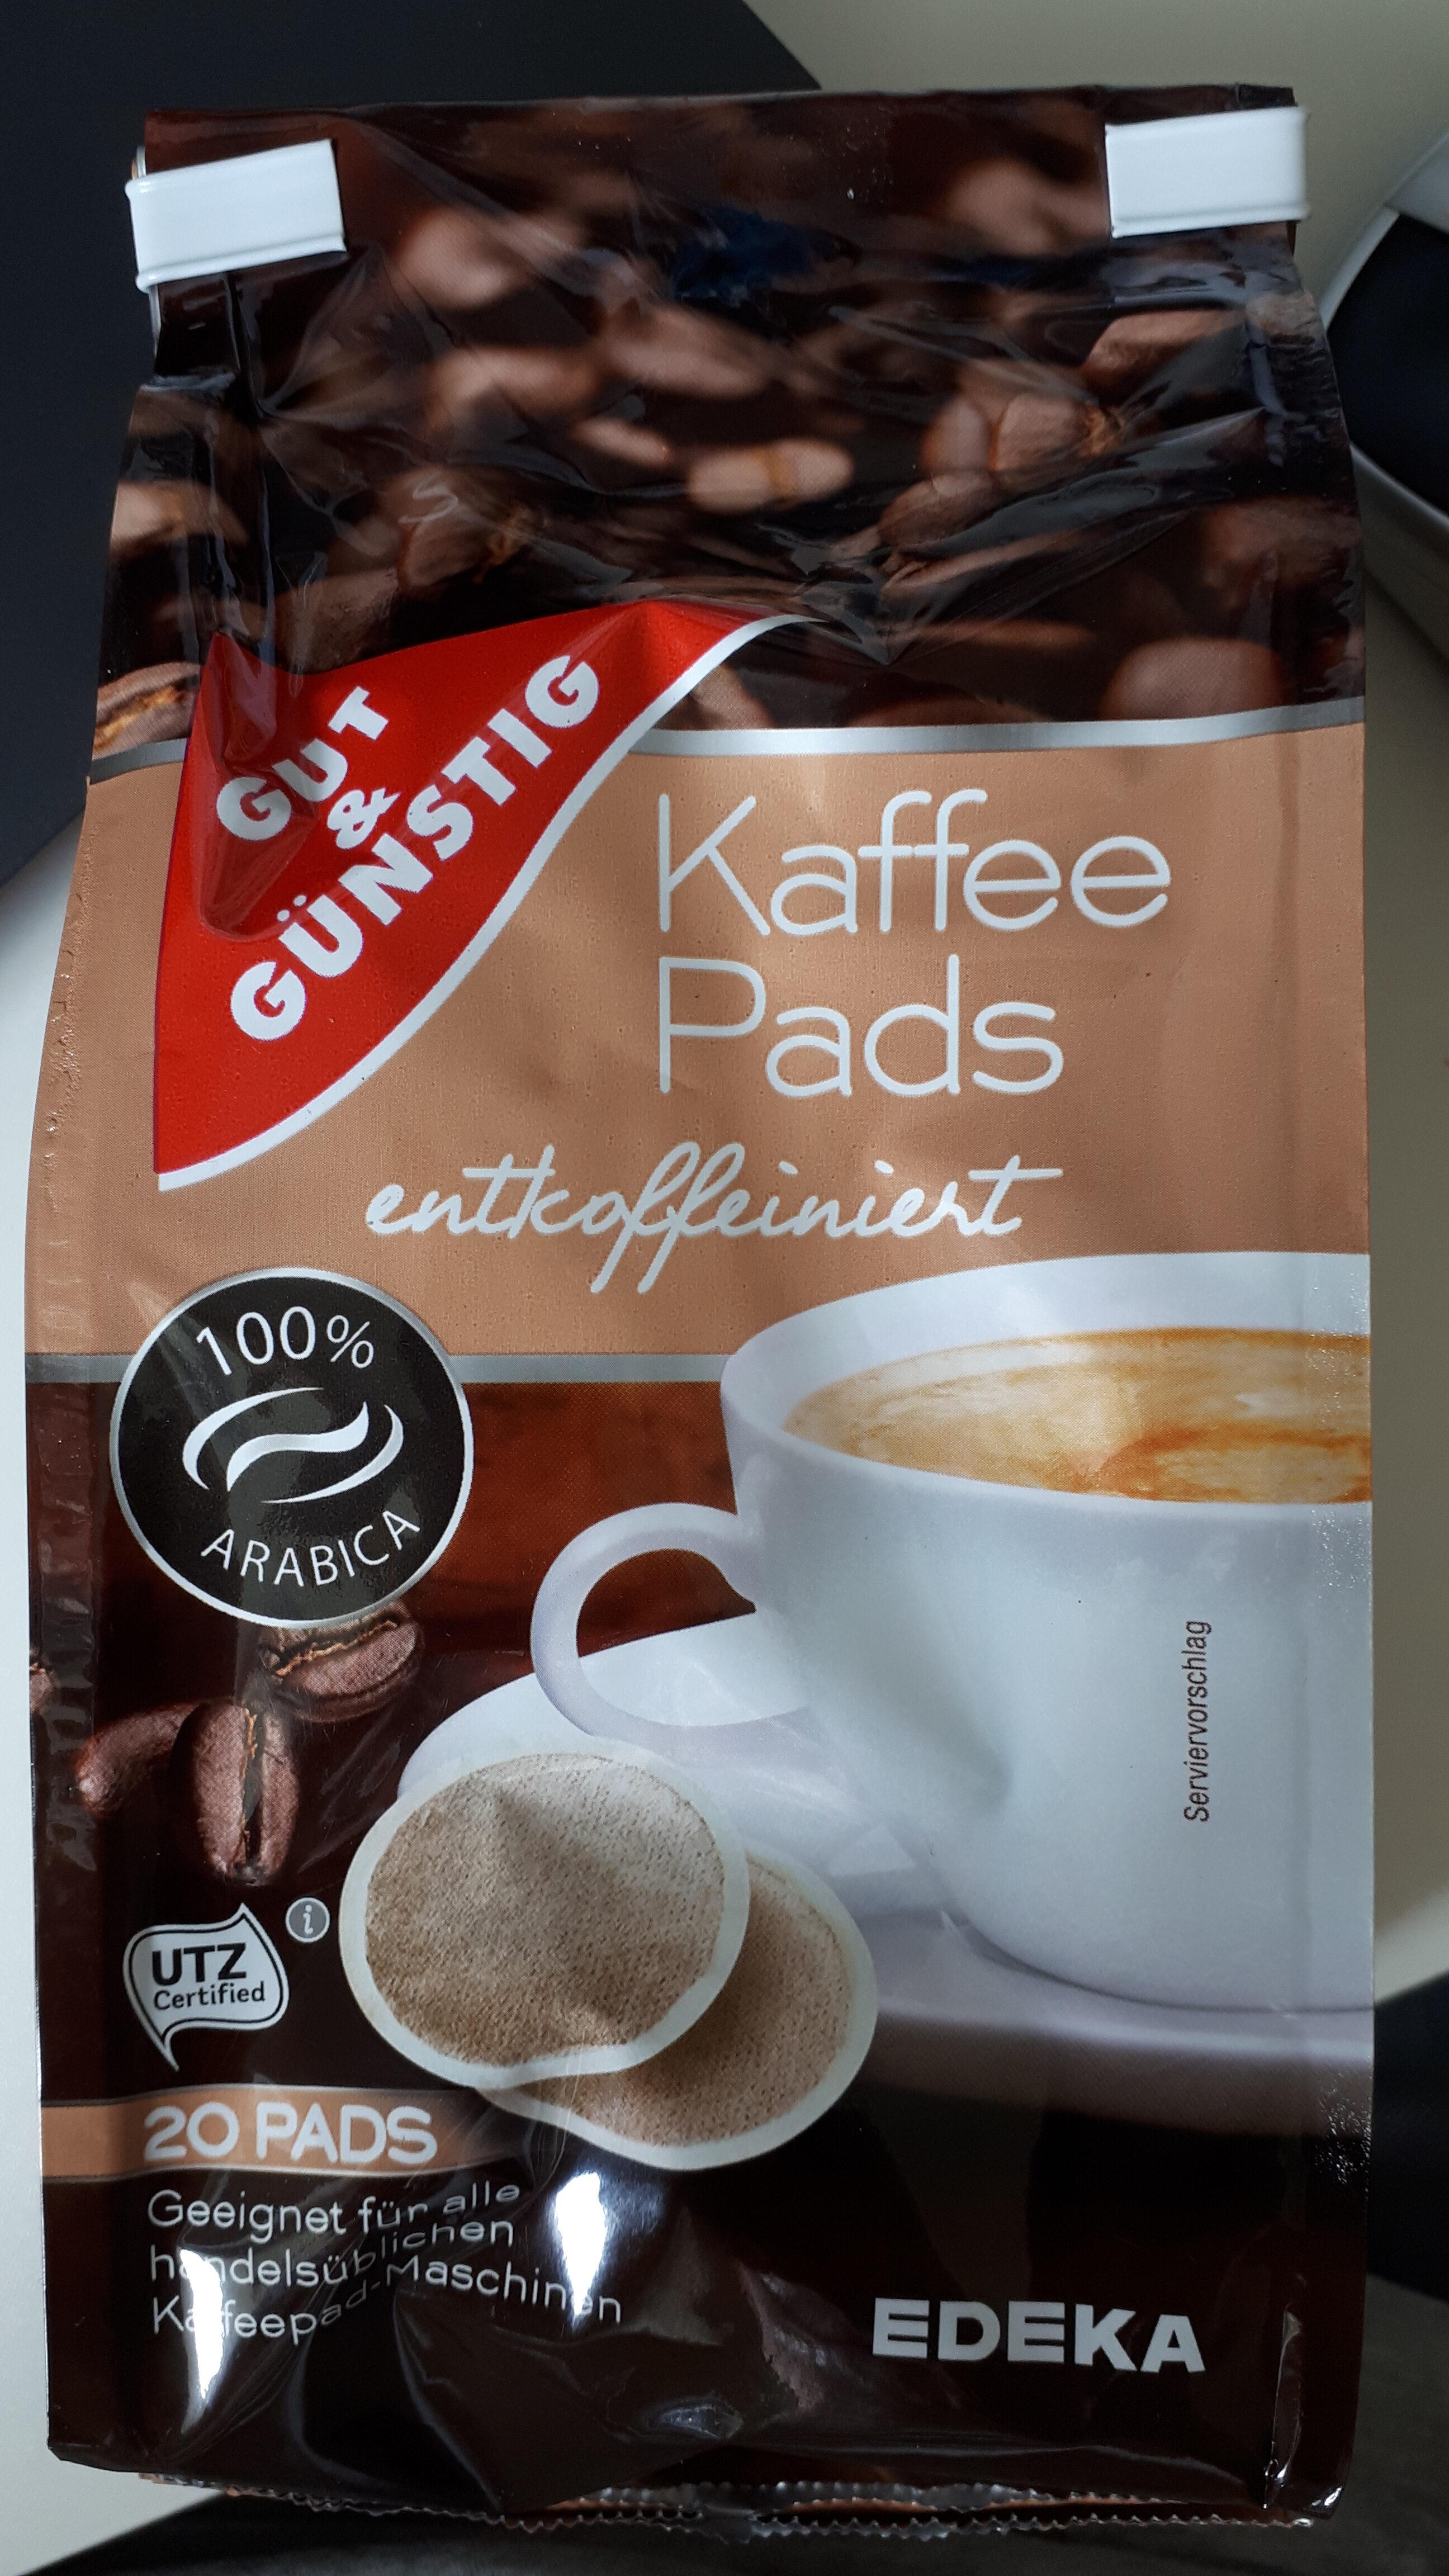 Gut & Günstig Kaffepads entkoffeiniert - Product - de